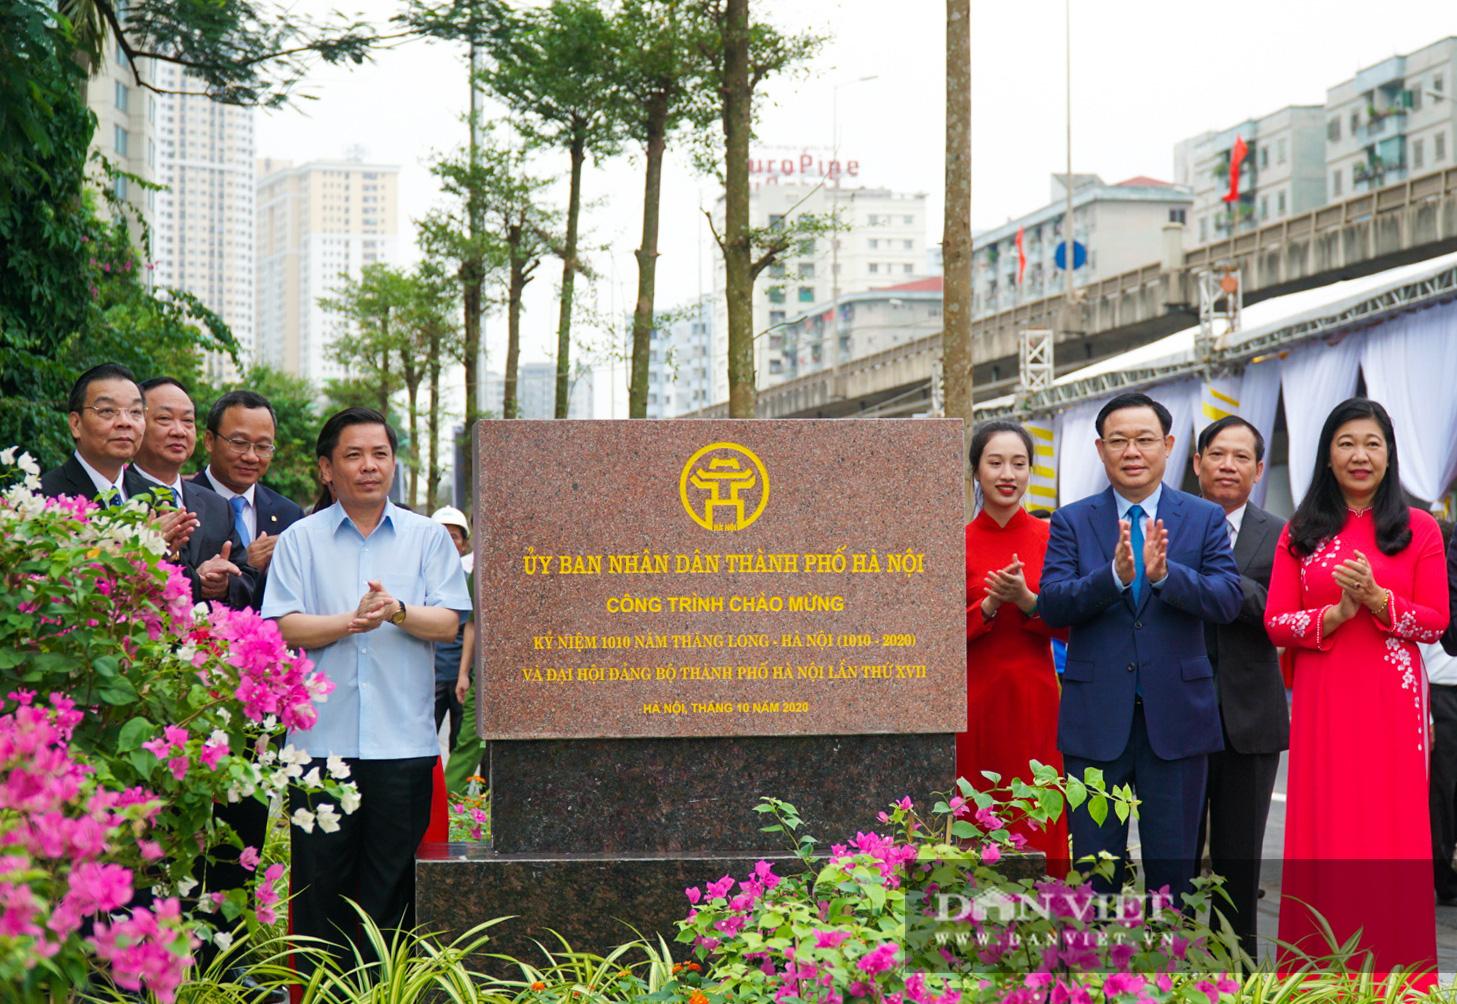 Tân chủ tịch Hà Nội cùng bộ trưởng Nguyễn Văn Thể dự lễ thông xe qua hồ Linh Đàm - Ảnh 3.